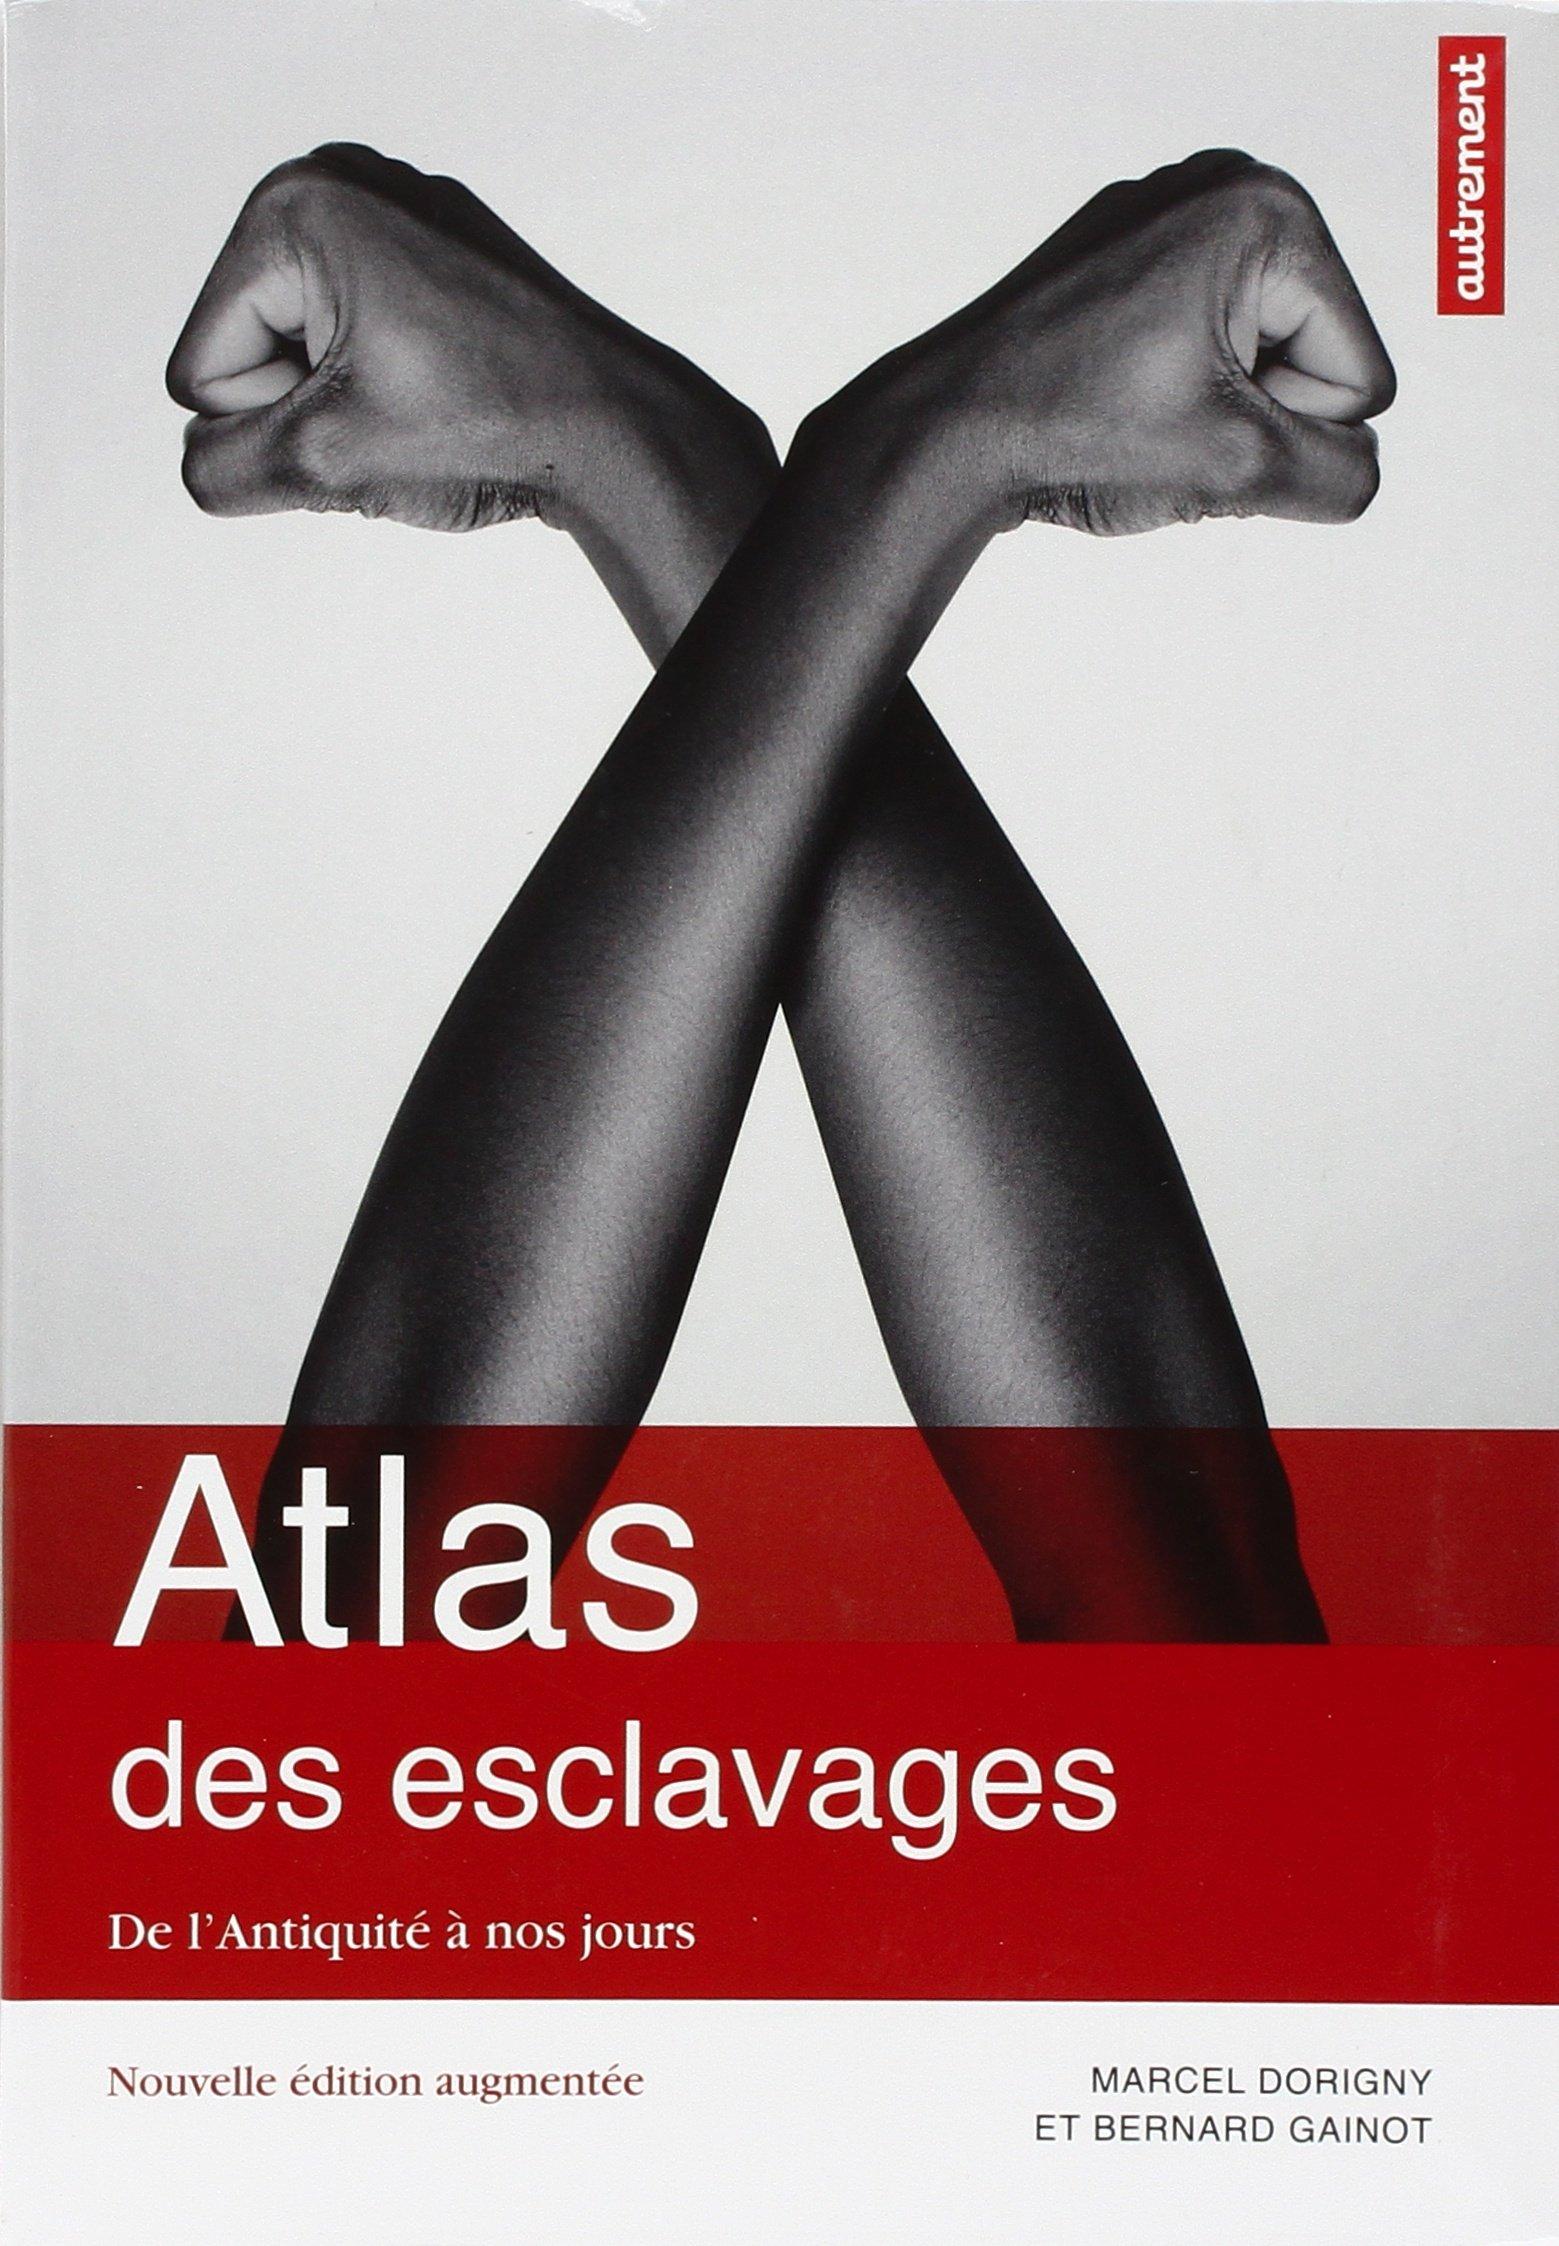 Atlas des esclavages : De l'Antiquité à nos jours Broché – 27 avril 2013 Fabrice Le Goff Marcel Dorigny Bernard Gainot Editions Autrement